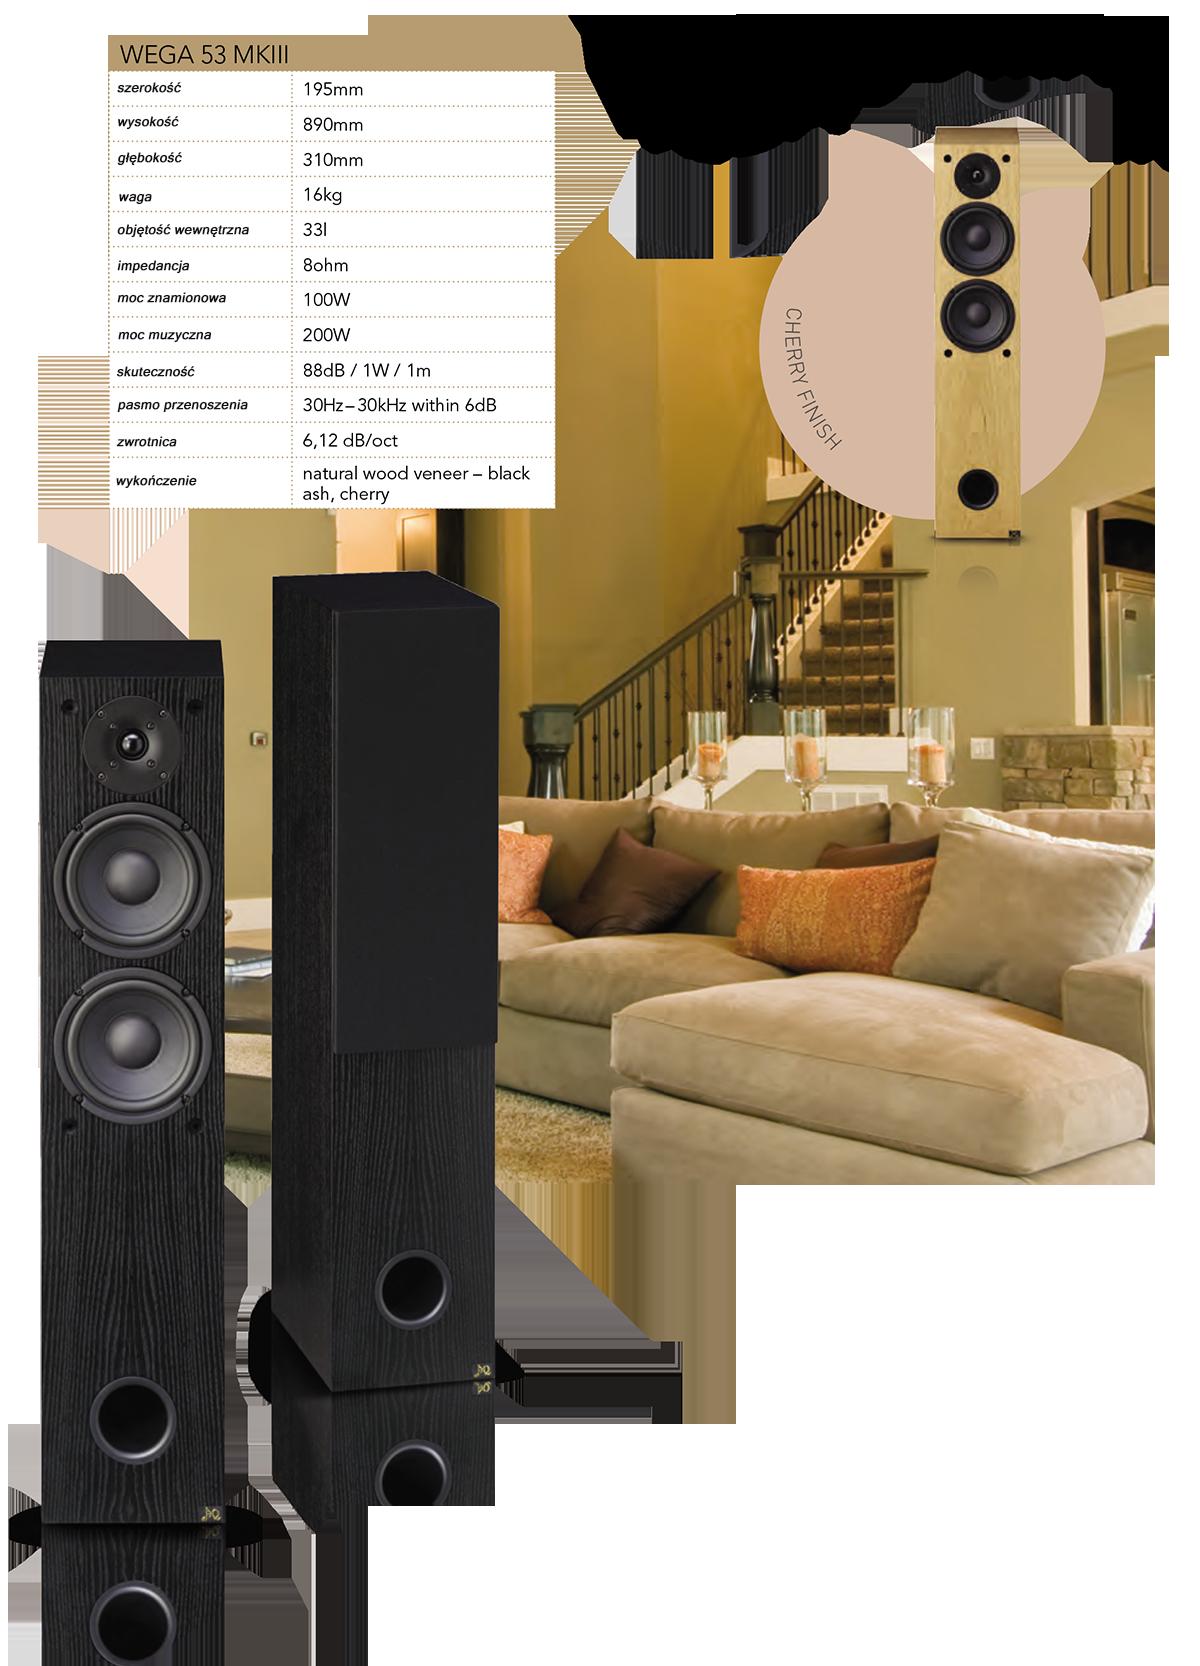 """AQ Wega 53 MKIII Dwudrożna kolumna jest wyposażona w dwa głośniki niskotonowe z papierową membraną dla wzmocnienia niższych częstotliwości, o mocy 200W, sytem bassreflex. Smukła słupowa kolumna głośnikowa ma gładki panel przedni z zagłębionymi średniobasowymi 6,5"""" głośnikami, pod nimi otwór bassreflex, w górnej części 1"""" wysokotonowy głośnik duńskiej marki Vifa. Niskotonowe głośniki ze stalowym koszem mają na gumowym zawiasie gumową membranę z papieru. Utworzona w ten sposób membrana jest lekka, jednocześnie bardzo sztywna i odporna na działanie fal stojących. Mocny obwód magnetyczny ma symetryczną konstrukcję. Wega 53 został zaprojektowany, aby móc w pełni funkcjonować jako głośniki stereo w pomieszczeniach o powierzchni do 30 metrów kwadratowych lub jako element do zbudowania kina domowego. Dla tych zastosowań, zalecamy połączenie z W 51, W 52, z subwooferem W 54. Kolumna głośnikowa zadowoli dźwiękiem audiofilskim. Doceniają to zwłaszcza miłośnicy muzyki akustycznej. Jego precyzja oznacza wierności partii wokalnych."""